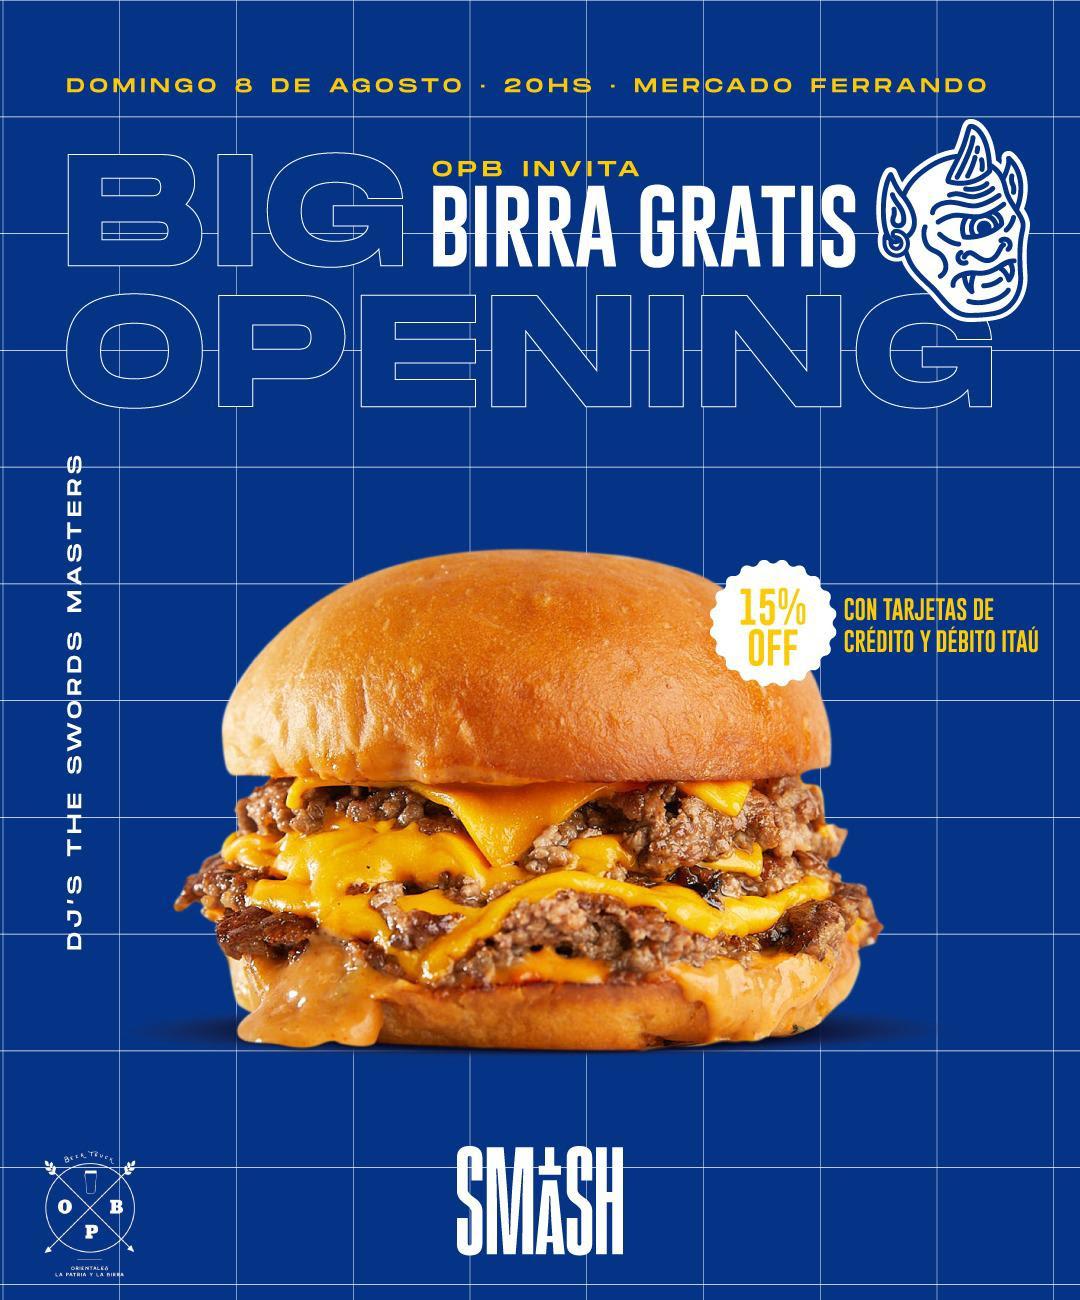 Domingo 8/8 - 20 hs - Big Opening de Smash en Mercado Ferrando